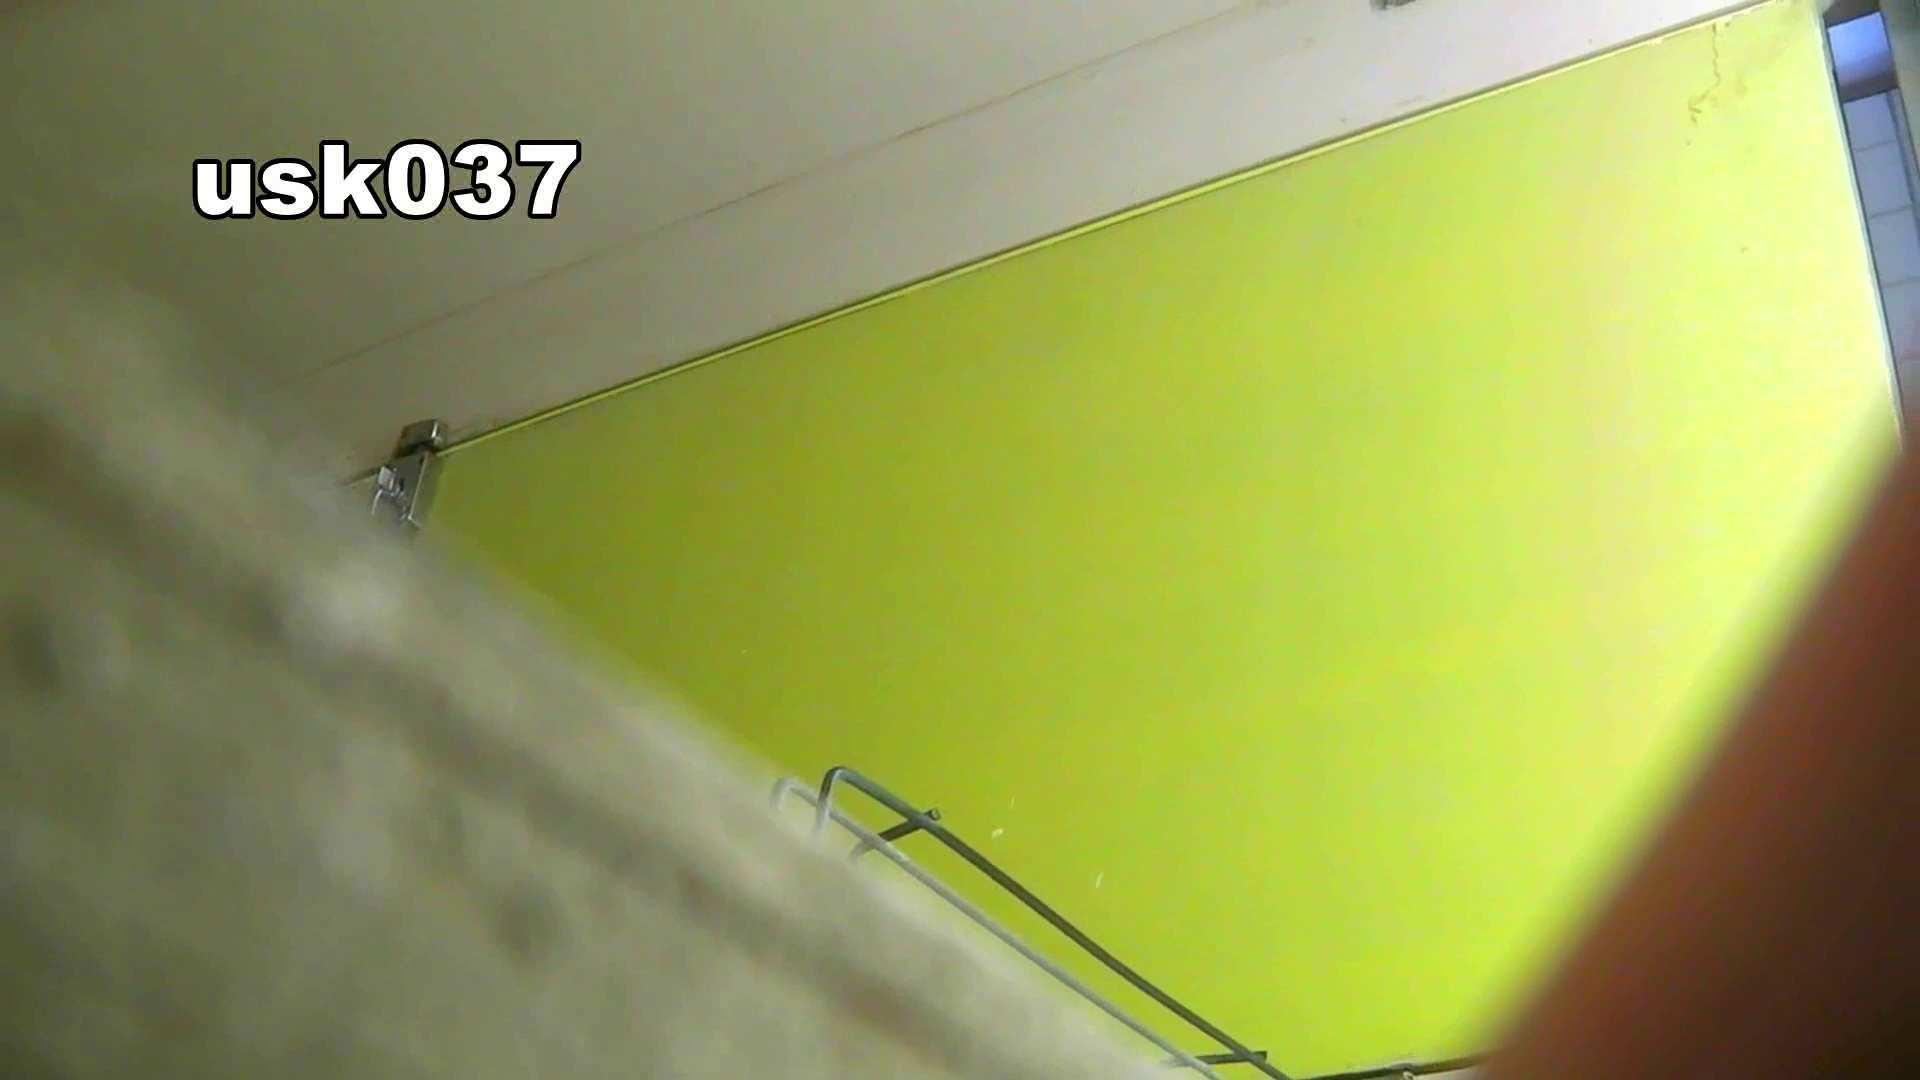 【美しき個室な世界】 vol.037 ひねり出す様子(フトイです) 高画質 | 高評価  99枚 91